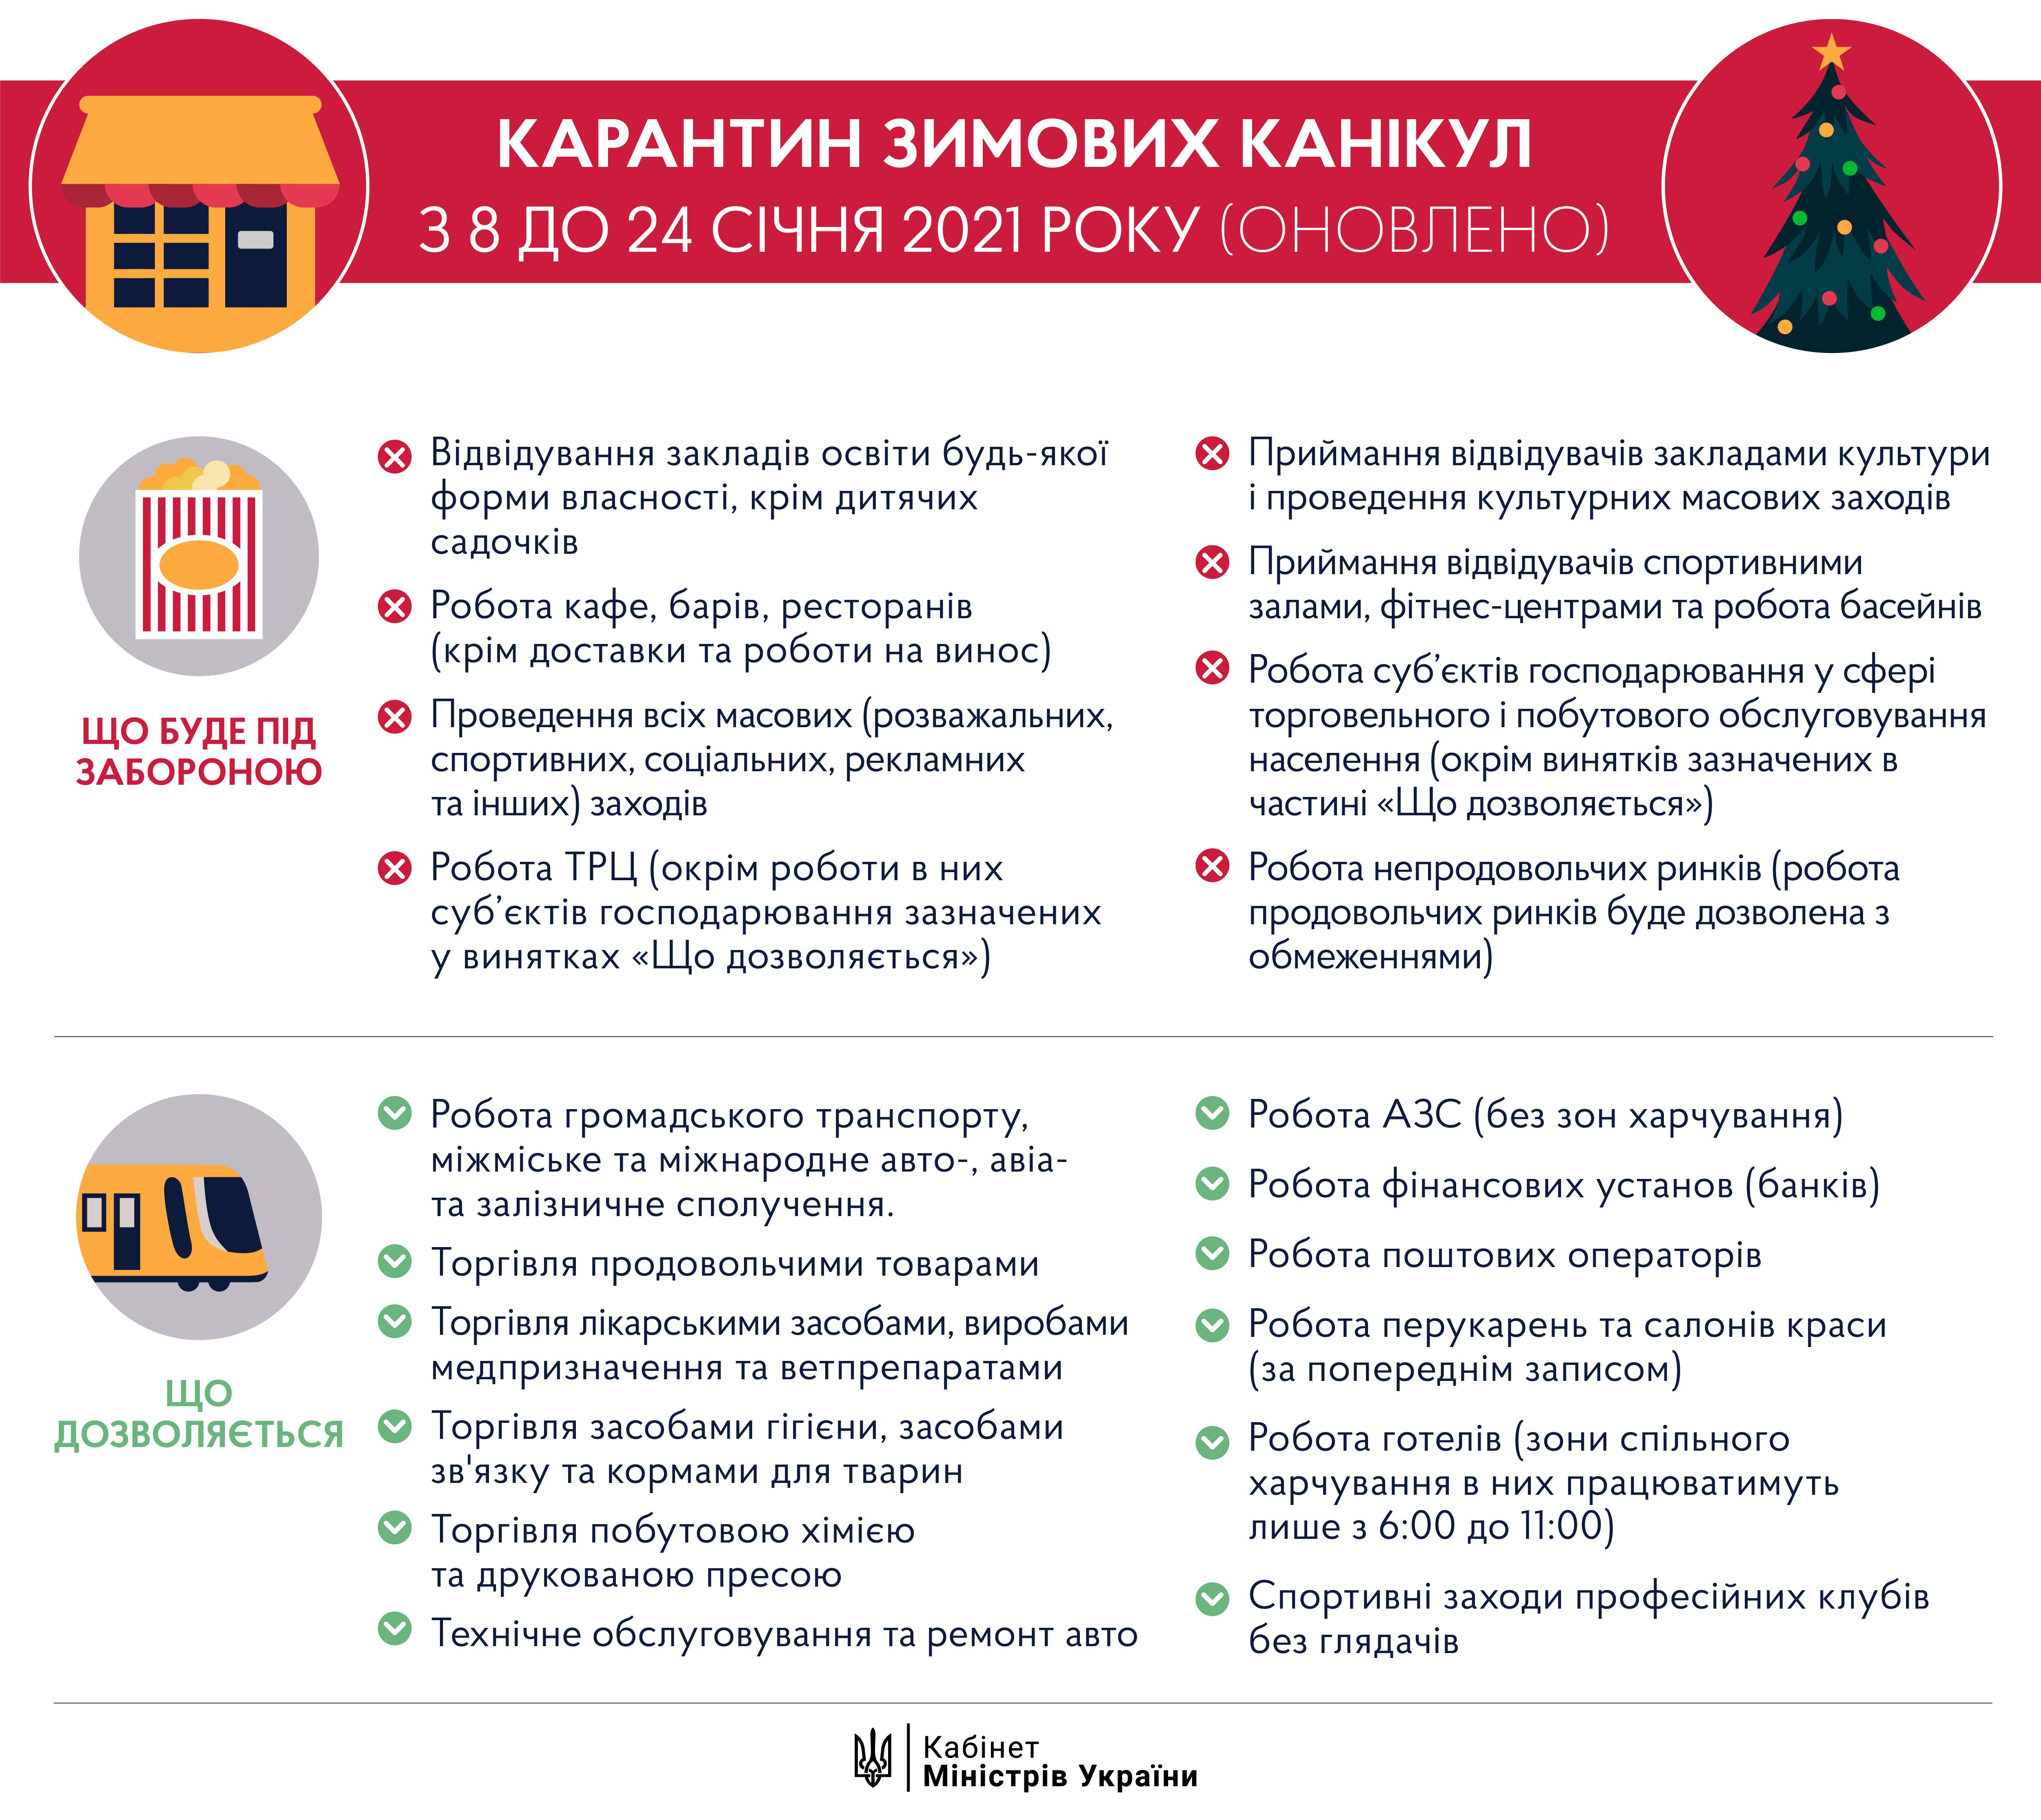 З 8 до 24 січня включно 2021 року в Україні діятимуть посилені карантинні обмеження.